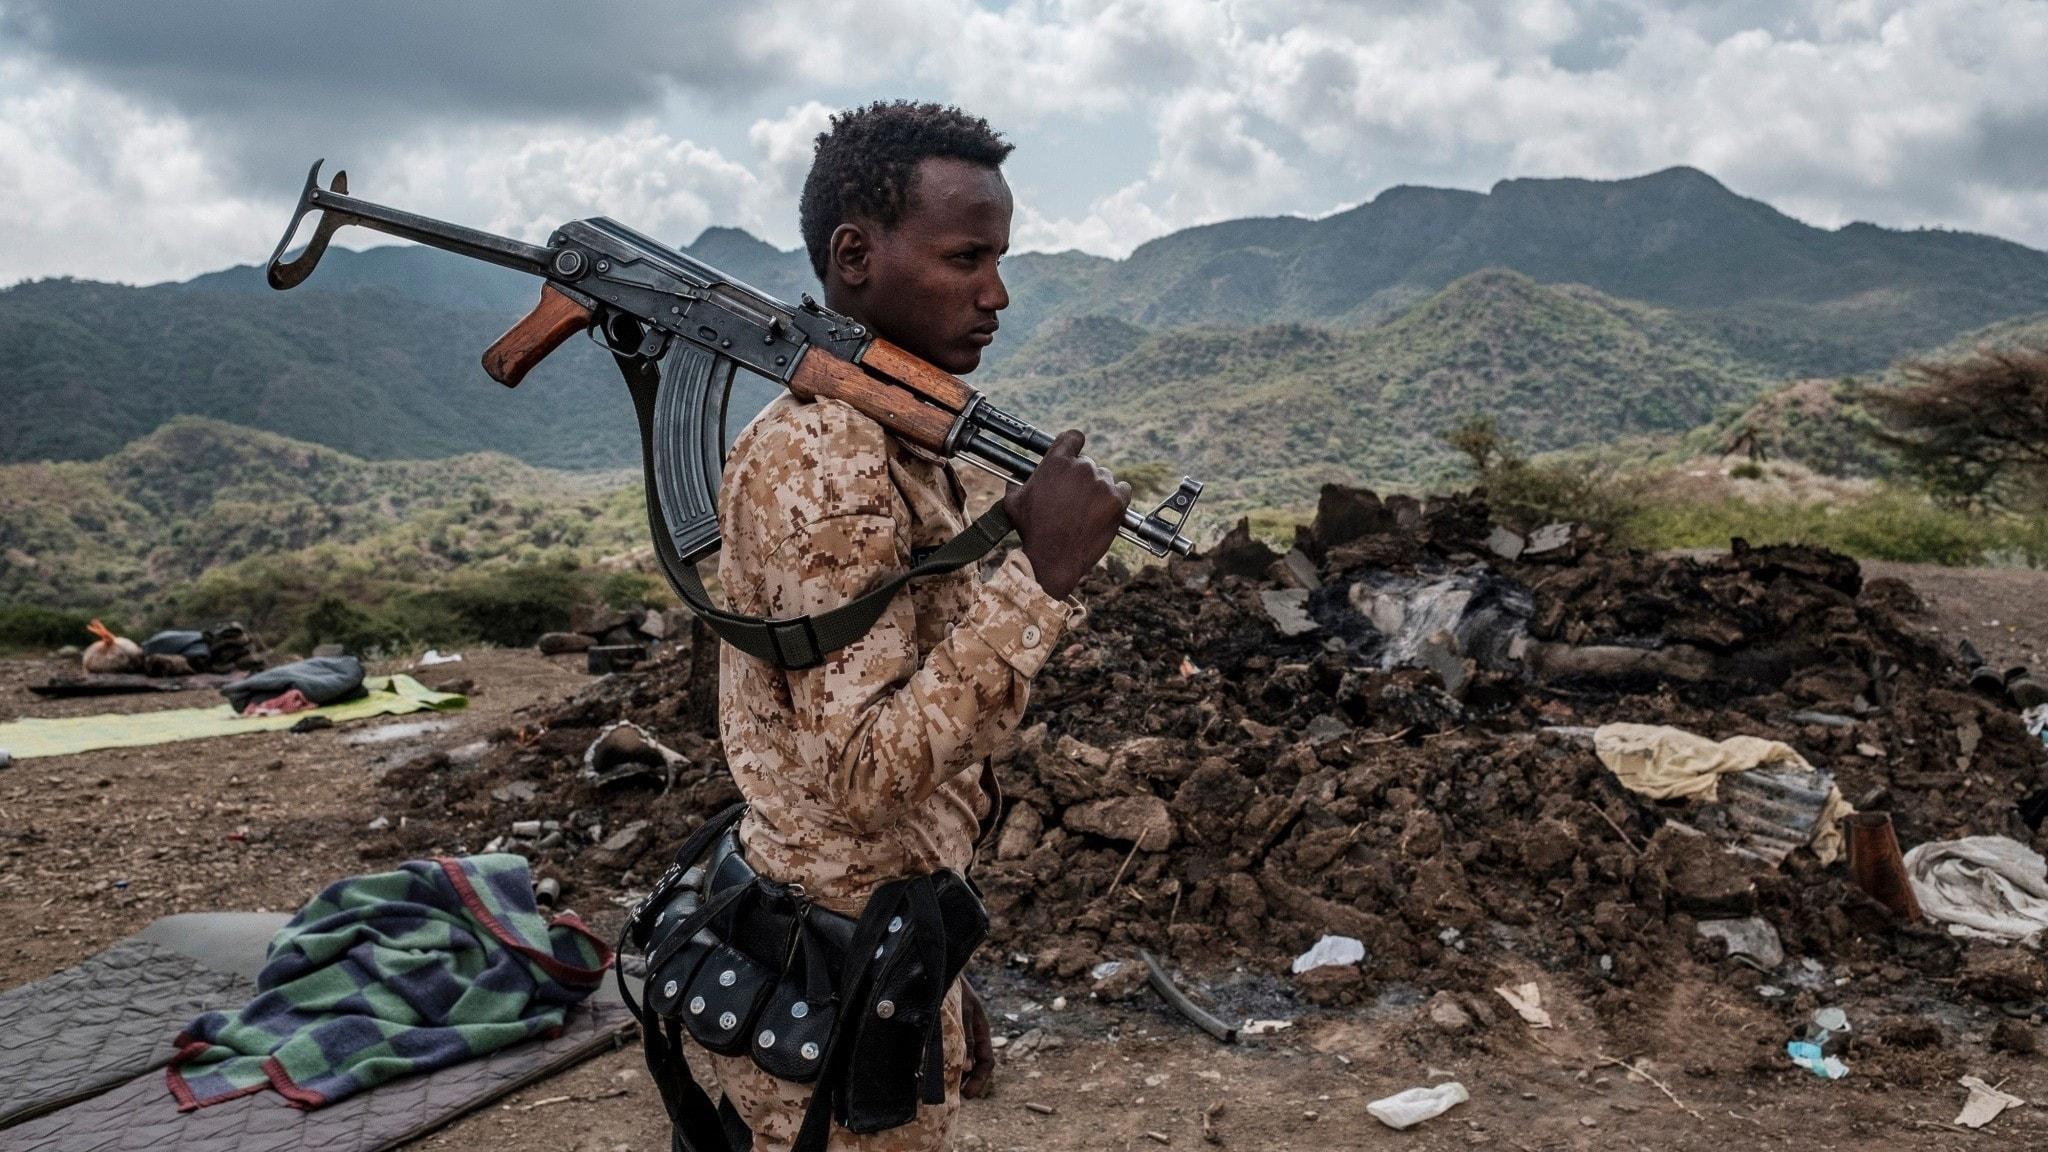 Regeringsallierad soldat vid ett hus som förstörts i strider mellan regeringstrupper och TPLF i utkanten av byn Bisober i Tigray-regionen.